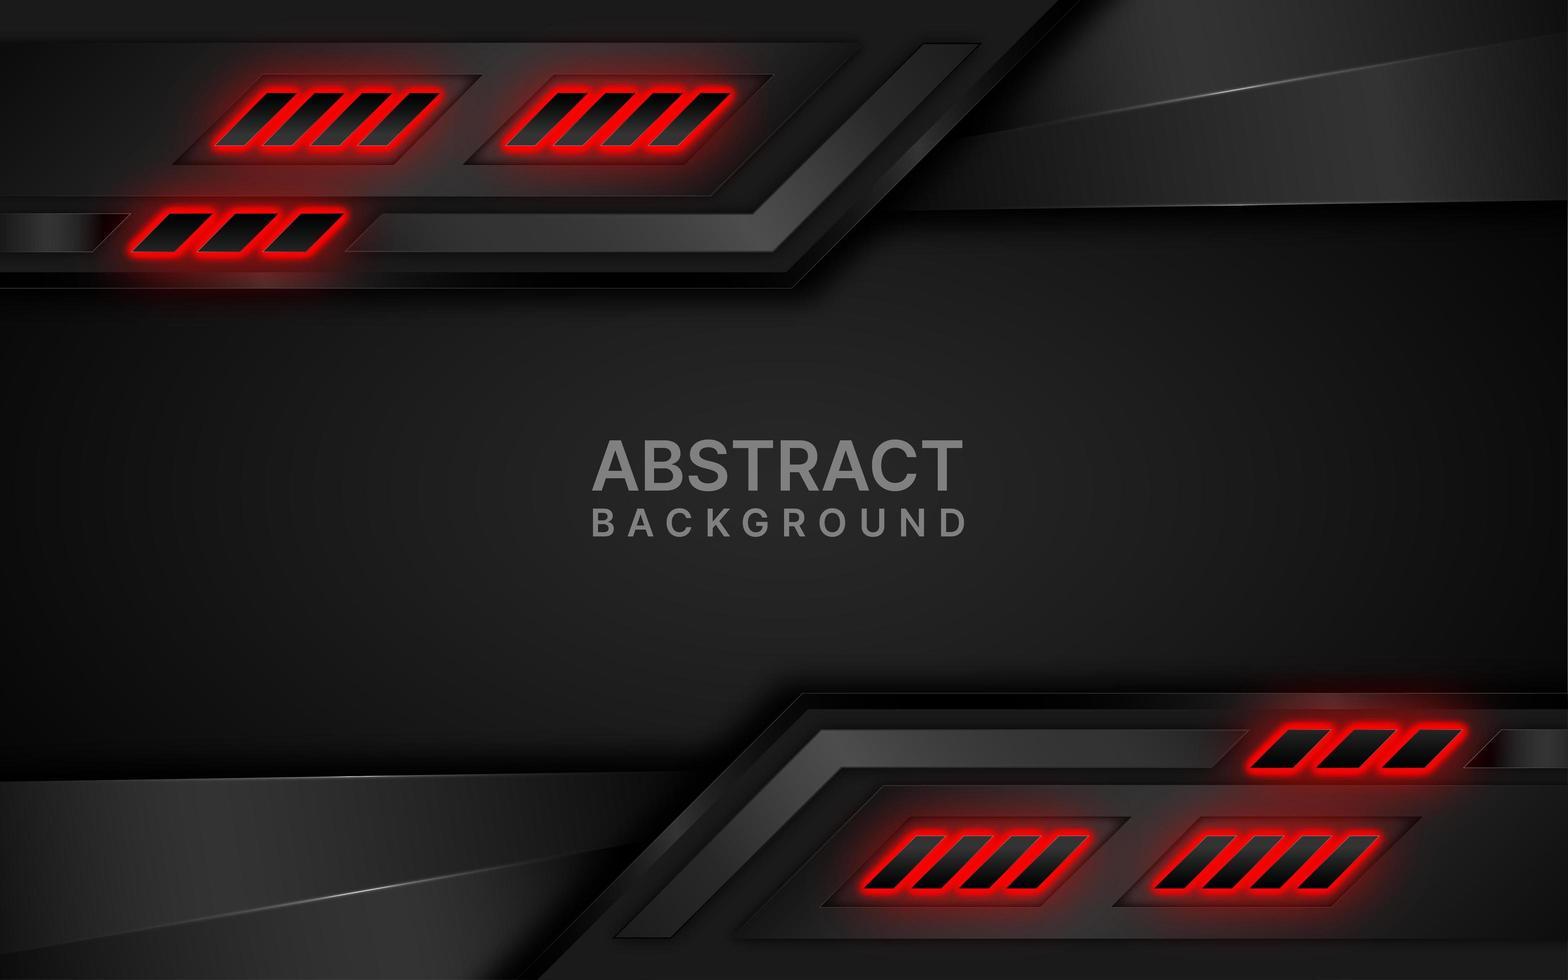 schwarz und rot futuristisch geschichtetes Design vektor